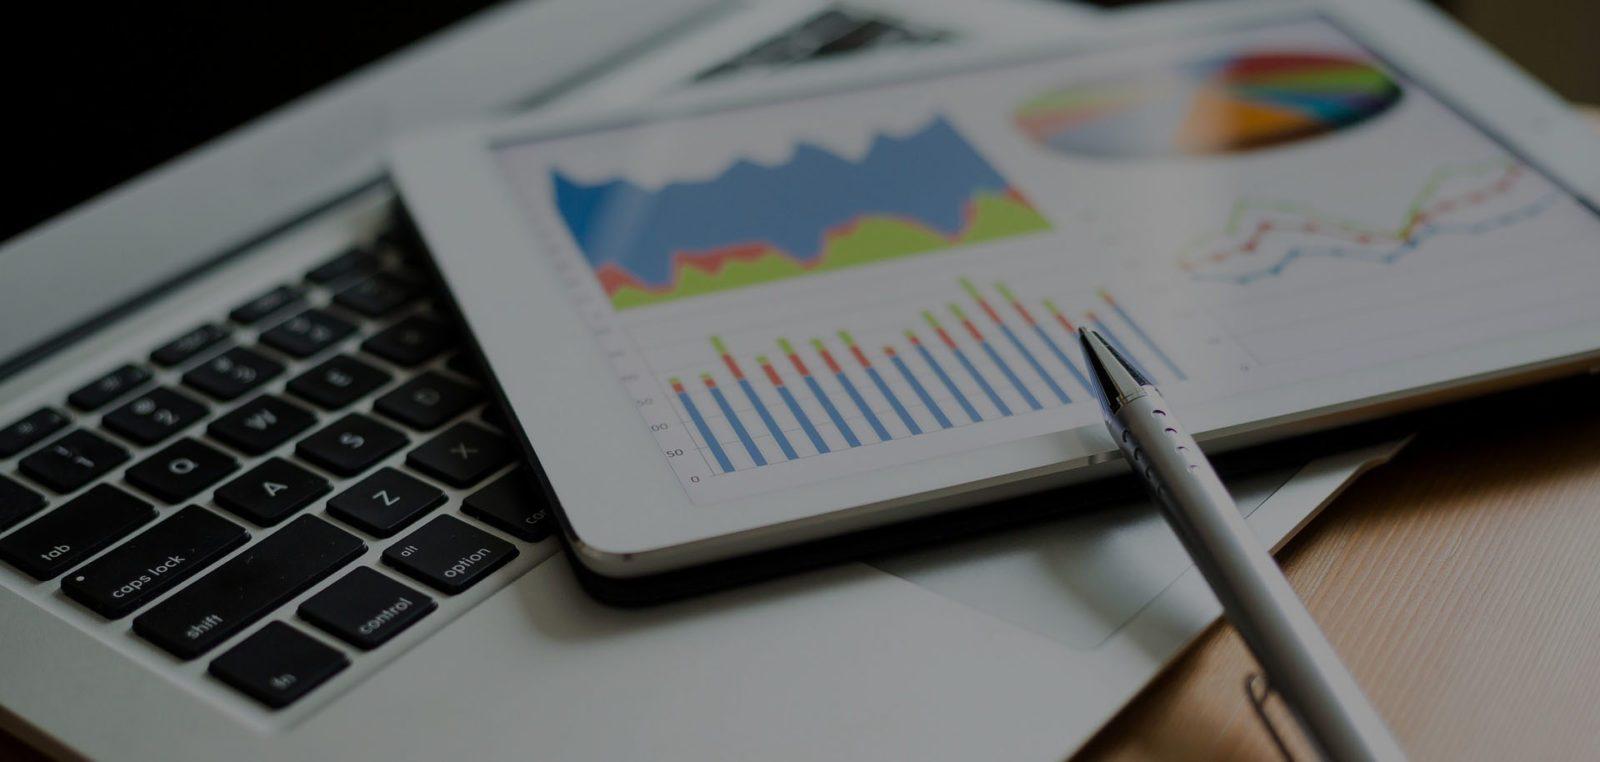 Сквозная аналитика для бизнеса